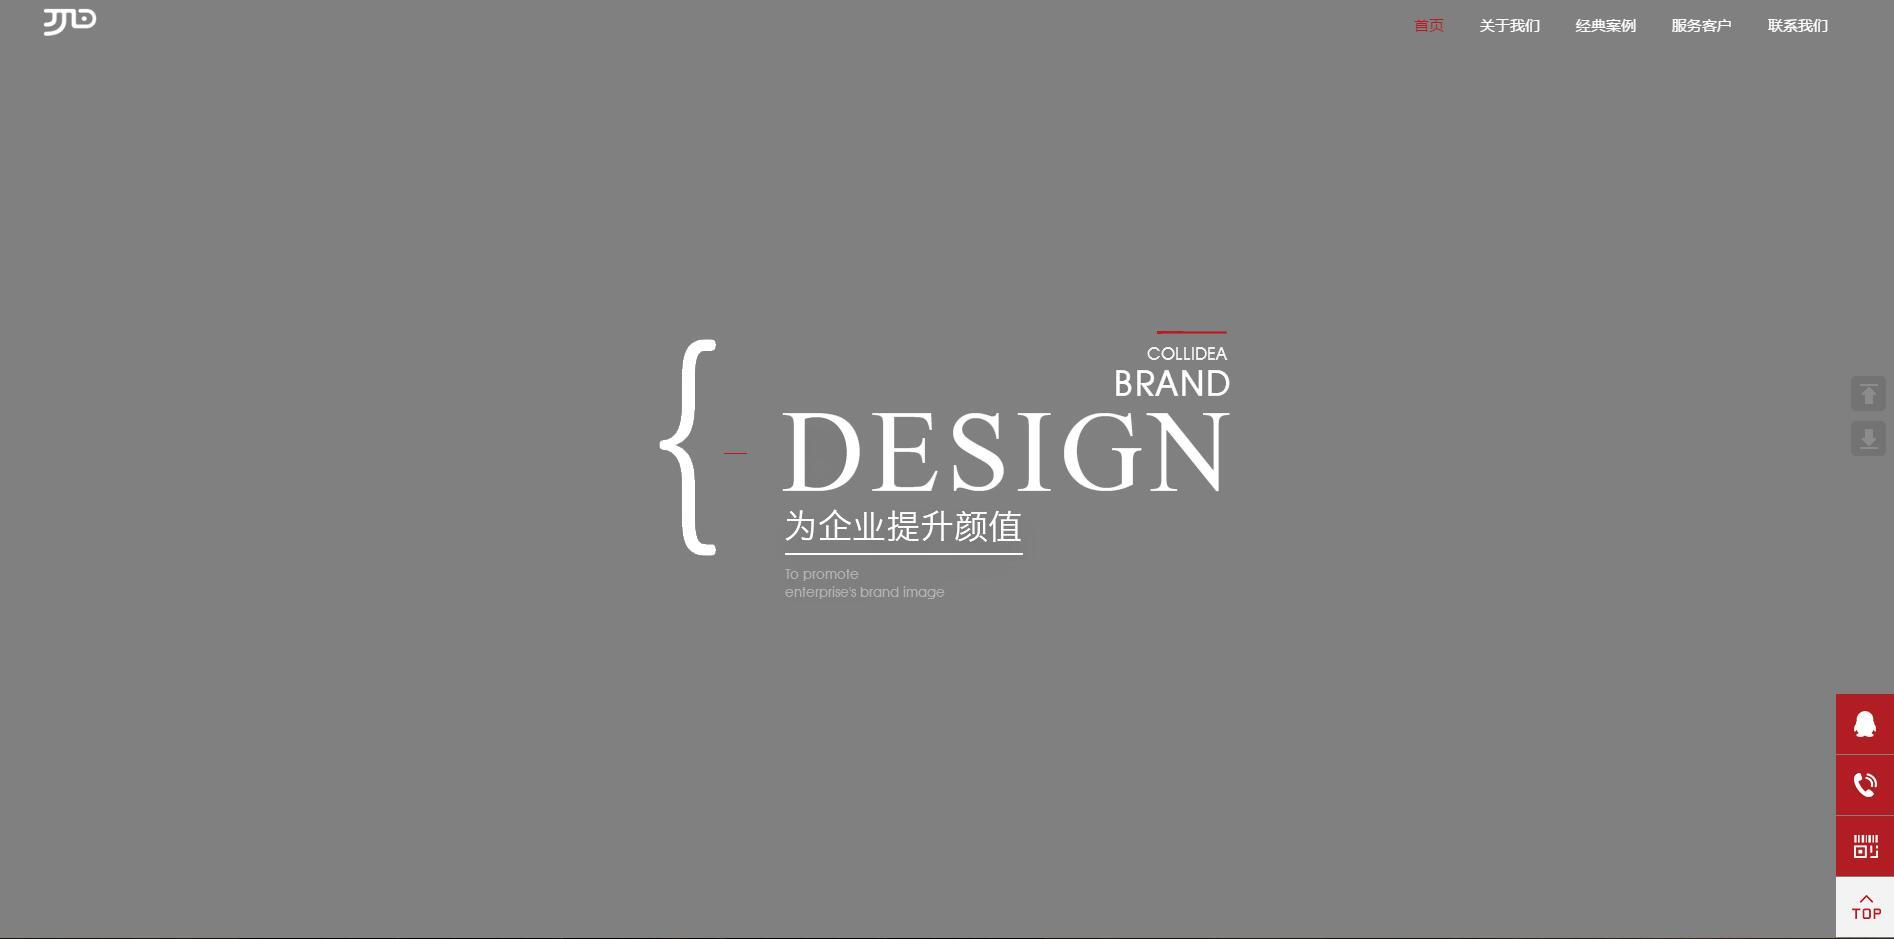 公司企业网站建设网站开发网页设计网站设计网站制作前端开发H5